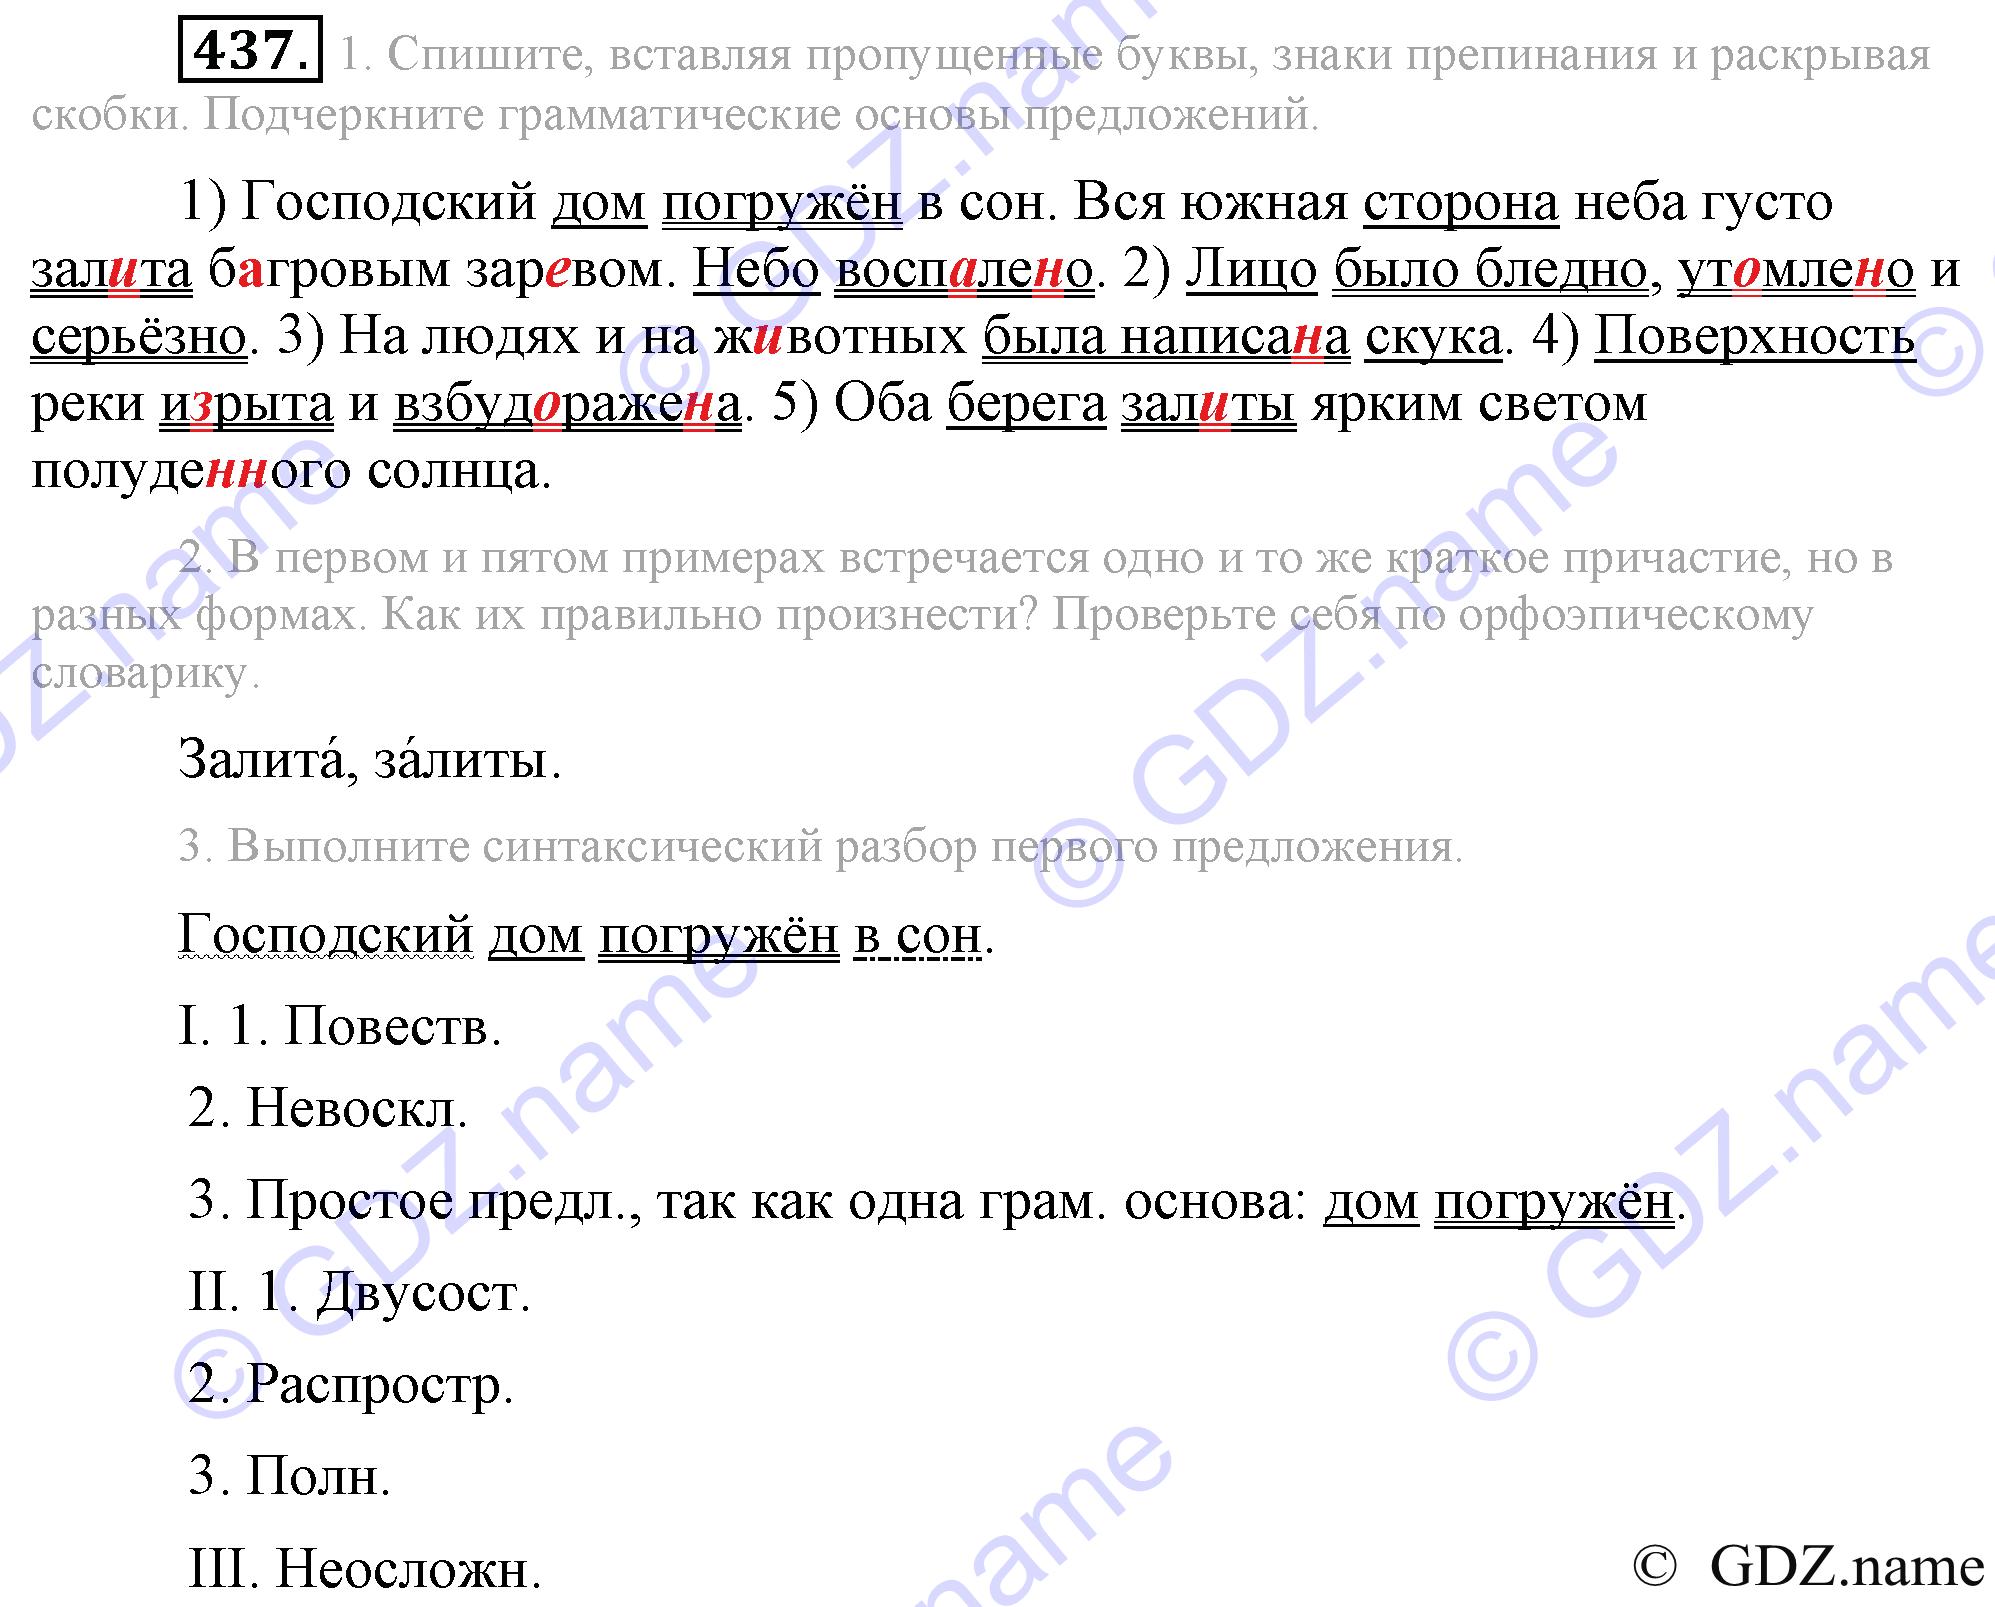 Гдз по всеобщая истории 7 класс данилов кузнецов